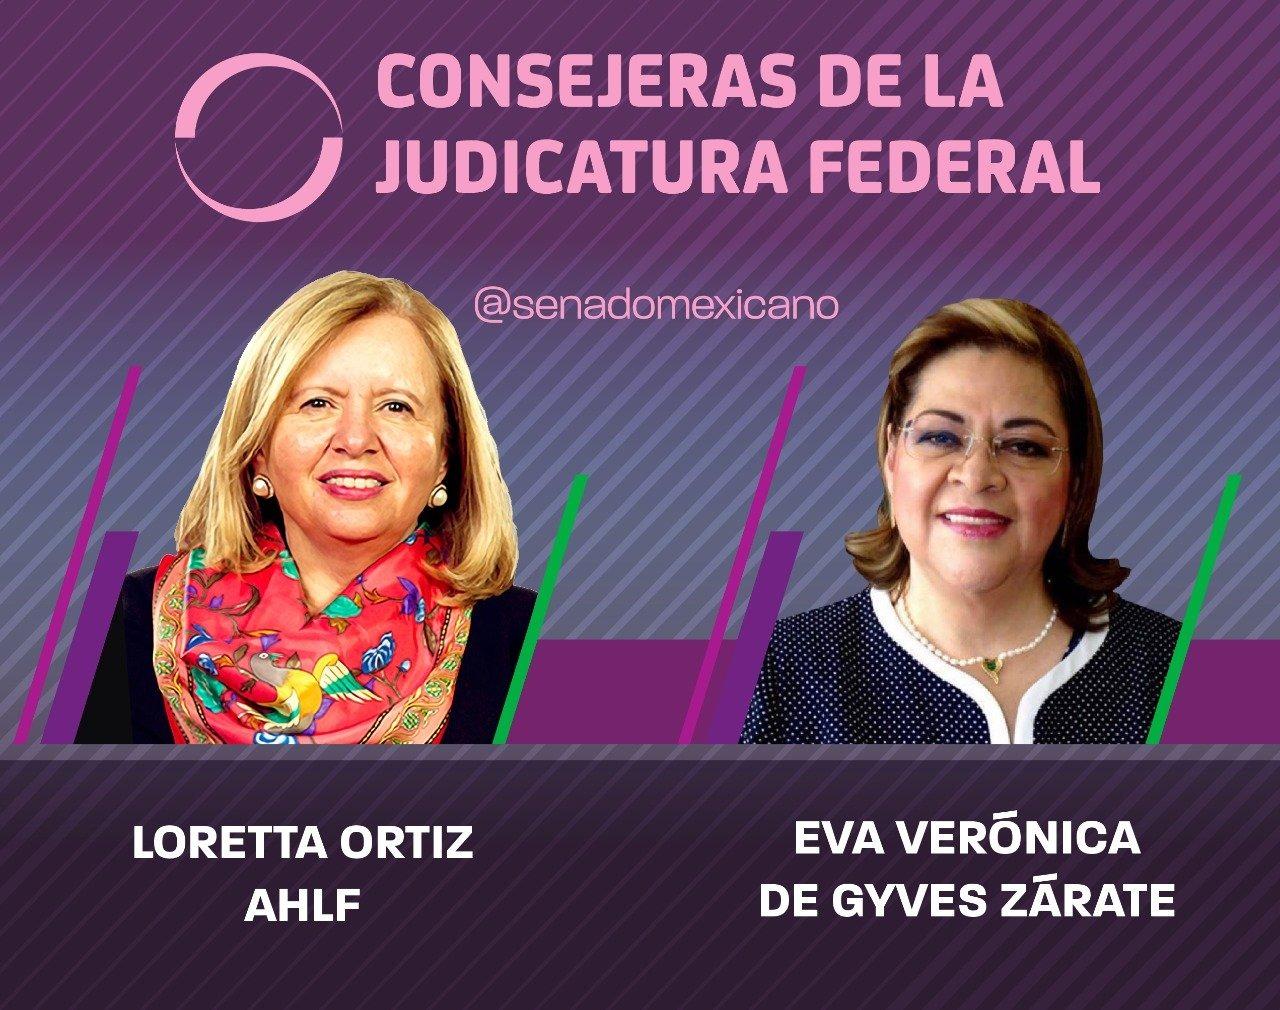 CONSEJERAS-DE-LA-JUDICATURA-FEDERAL.jpg